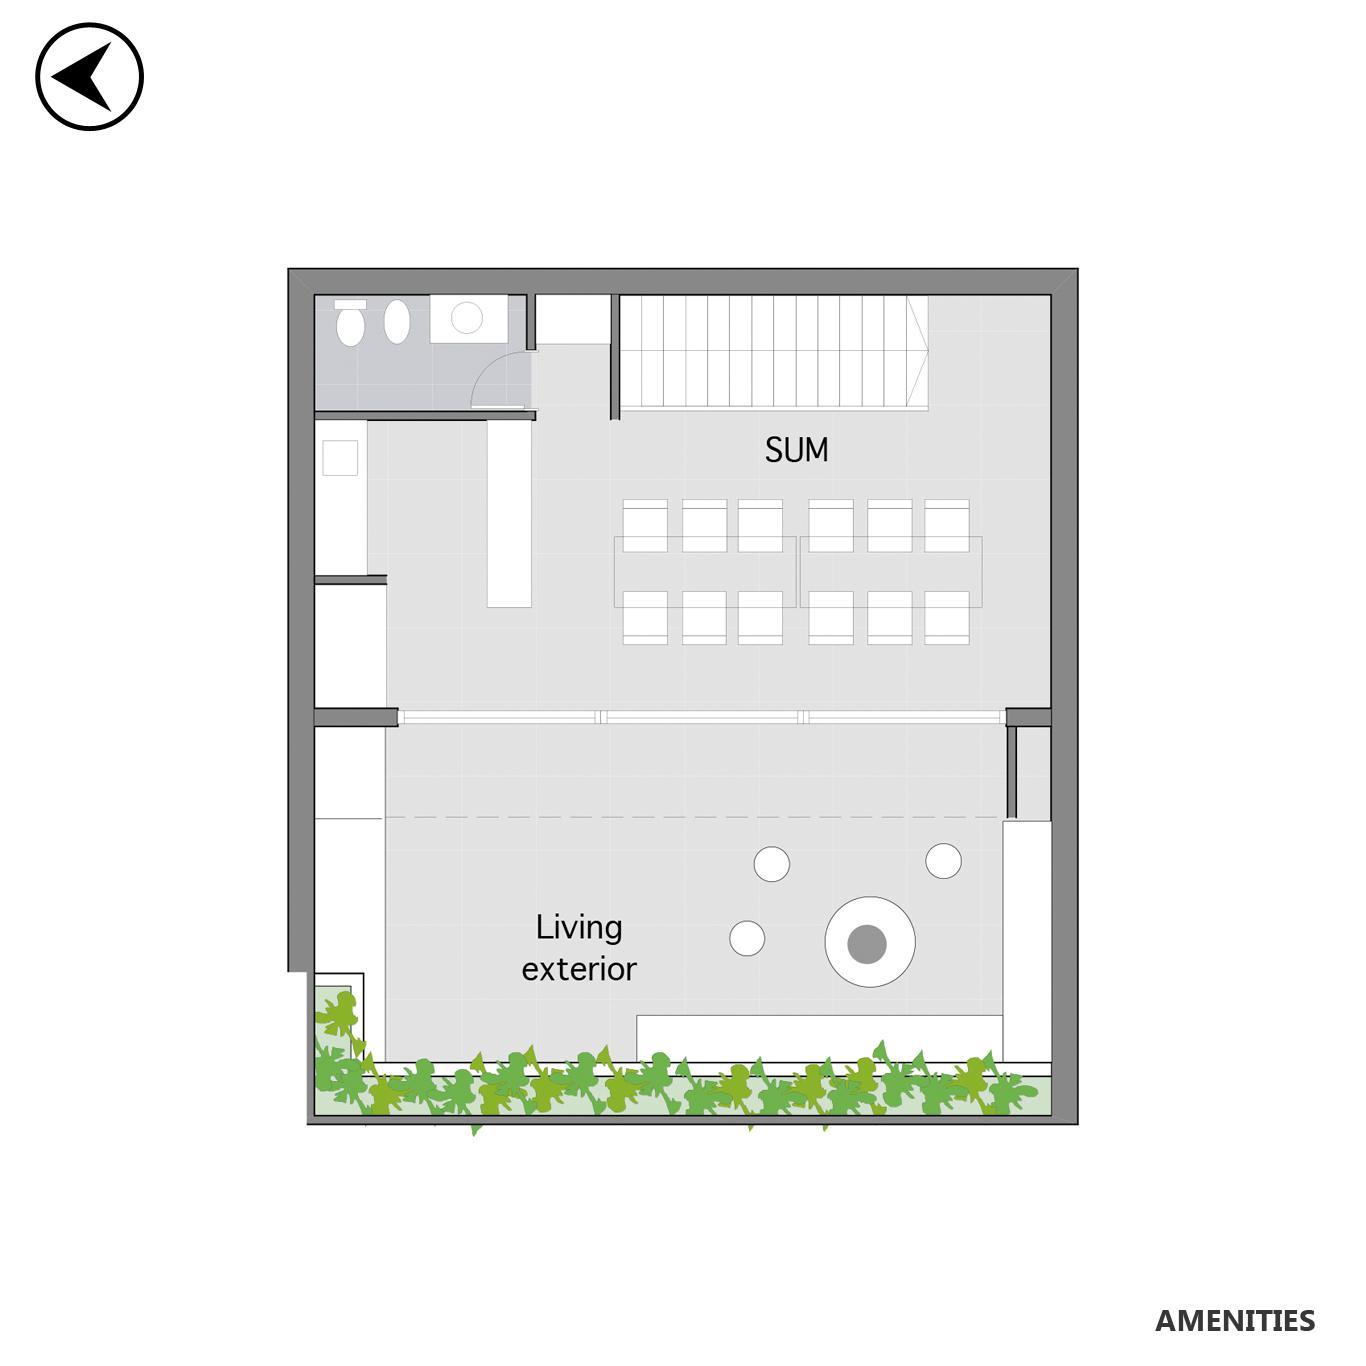 Venta departamento 1 dormitorio Rosario, Martin. Cod CBU24537 AP2285393. Crestale Propiedades